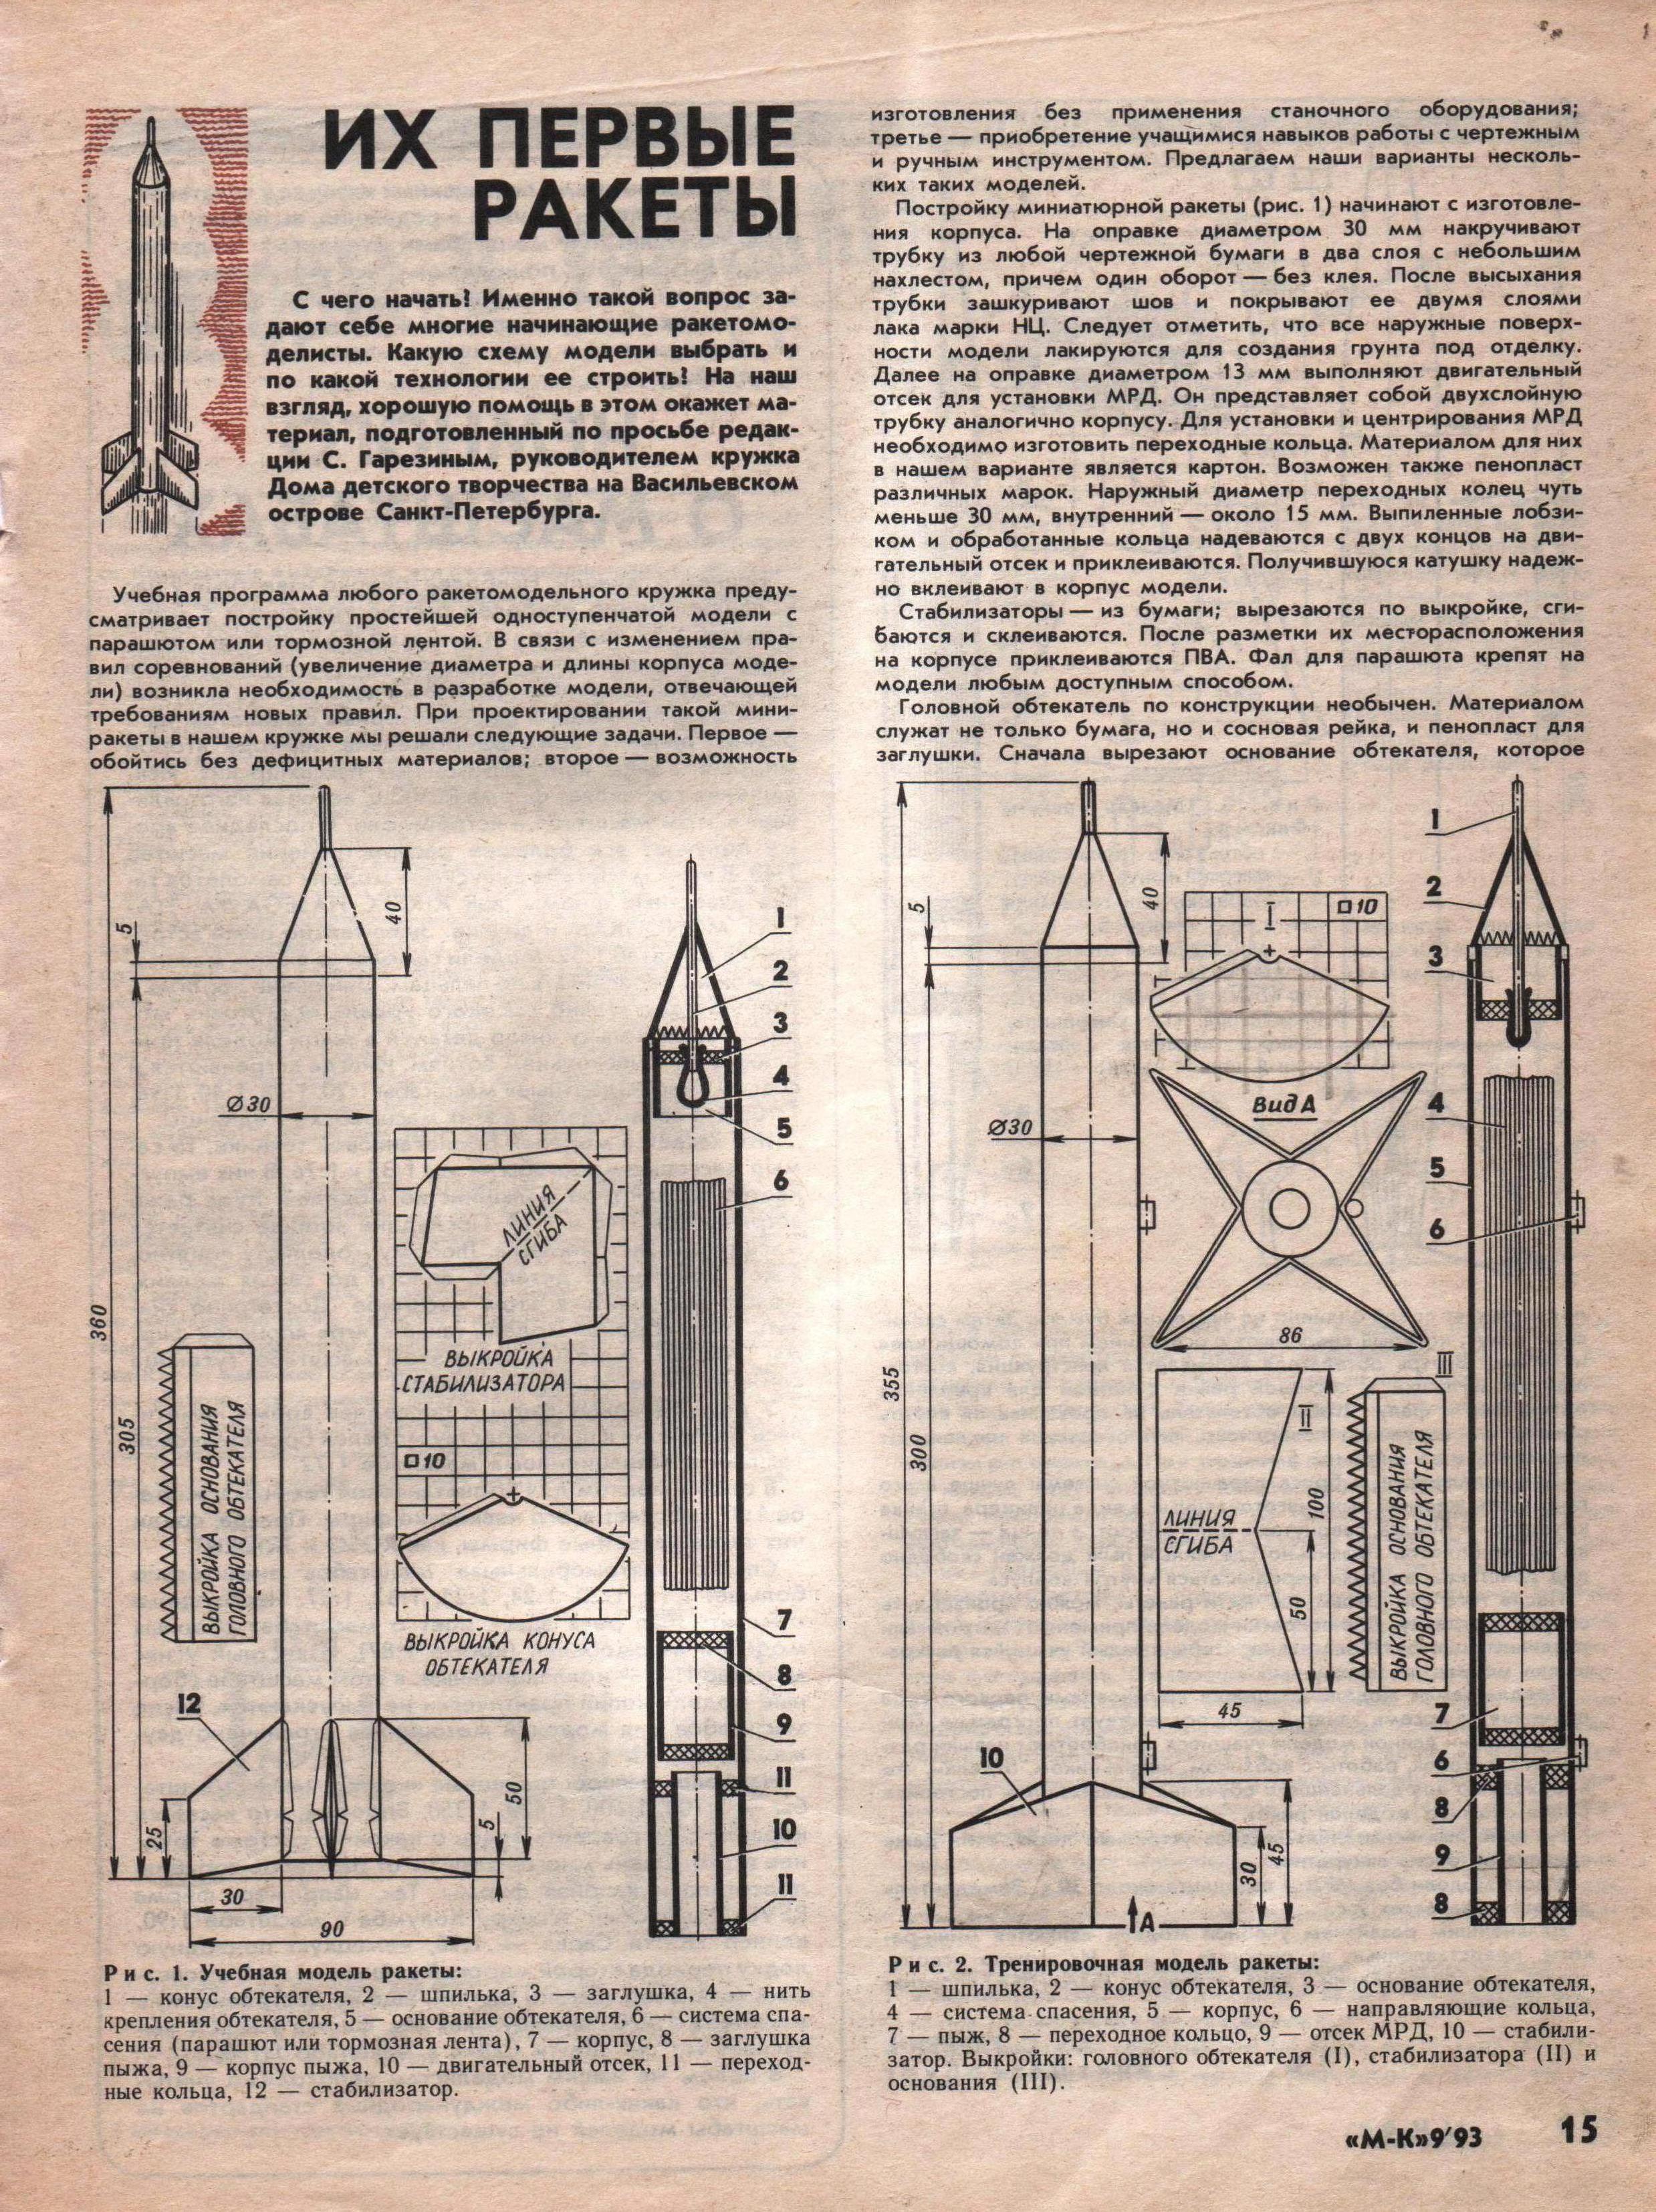 работу чертежи копий модели ракет хорошее, тихое местечко